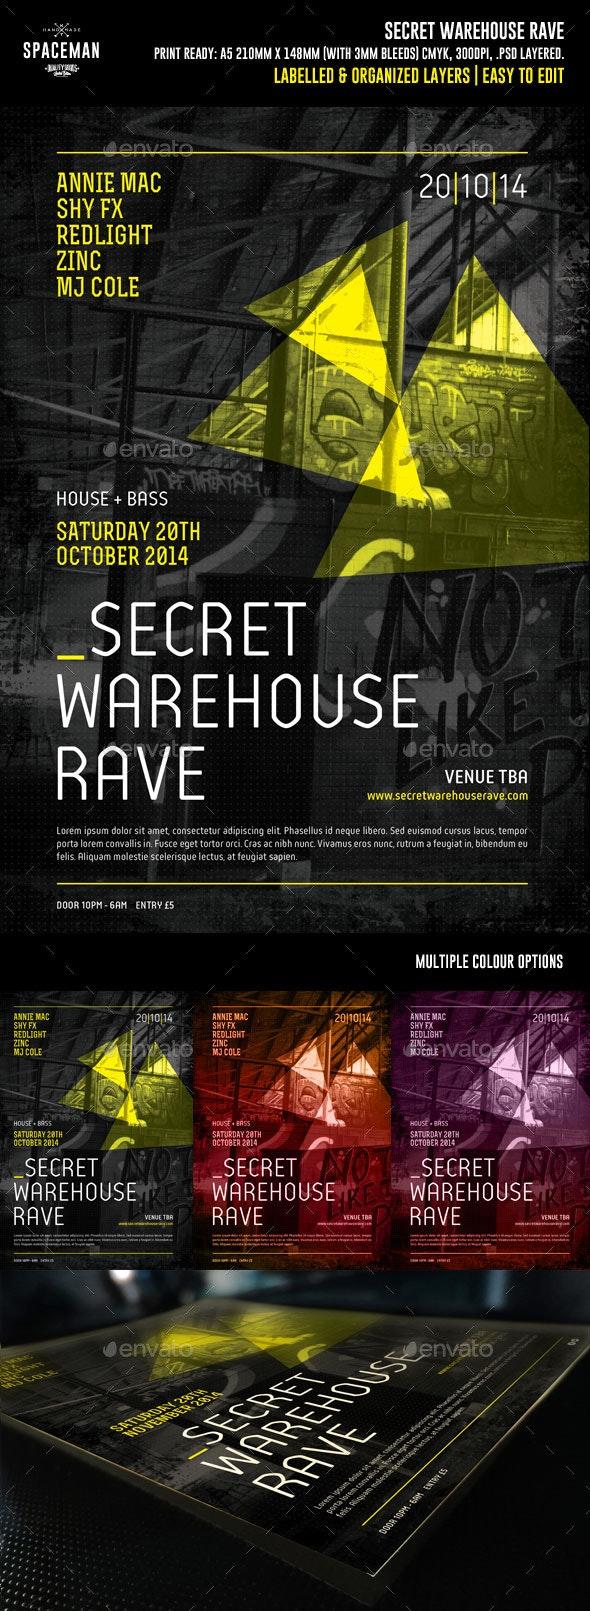 Secret Warehouse Rave Flyer - Clubs & Parties Events